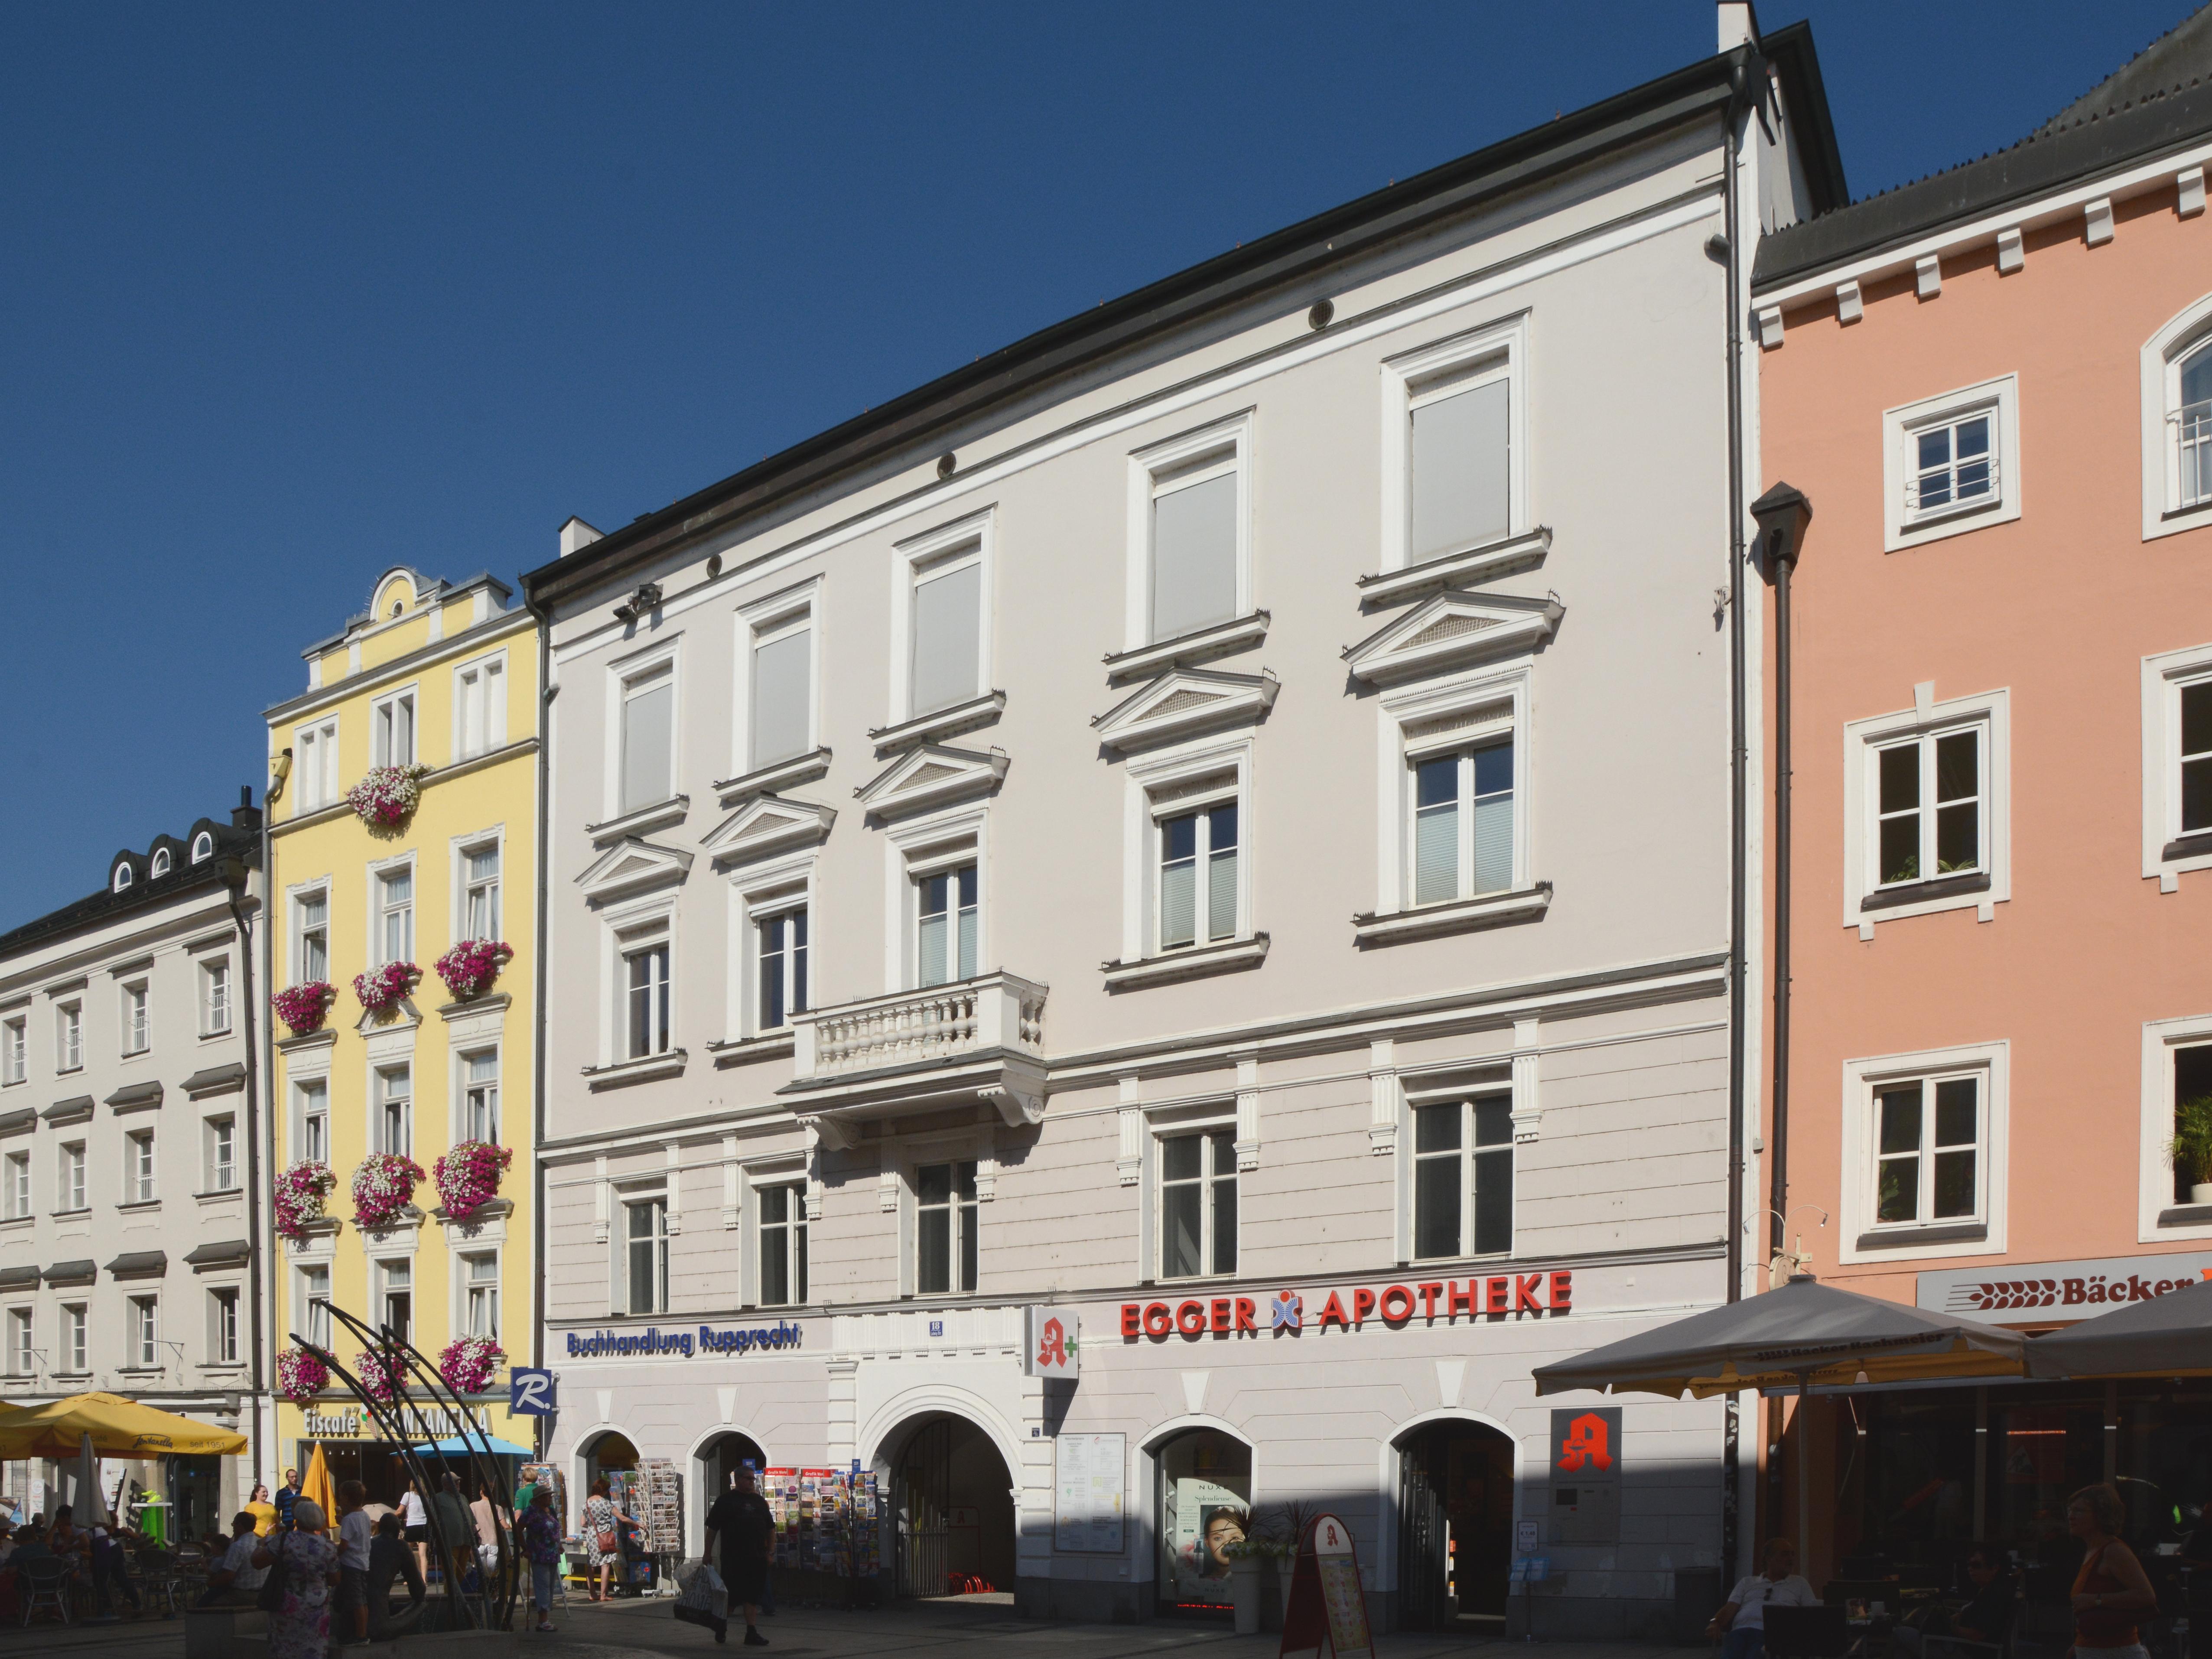 Dateiwohn Und Geschäftshaus Ludwigstraße 18 Passau Cjpg Wikipedia